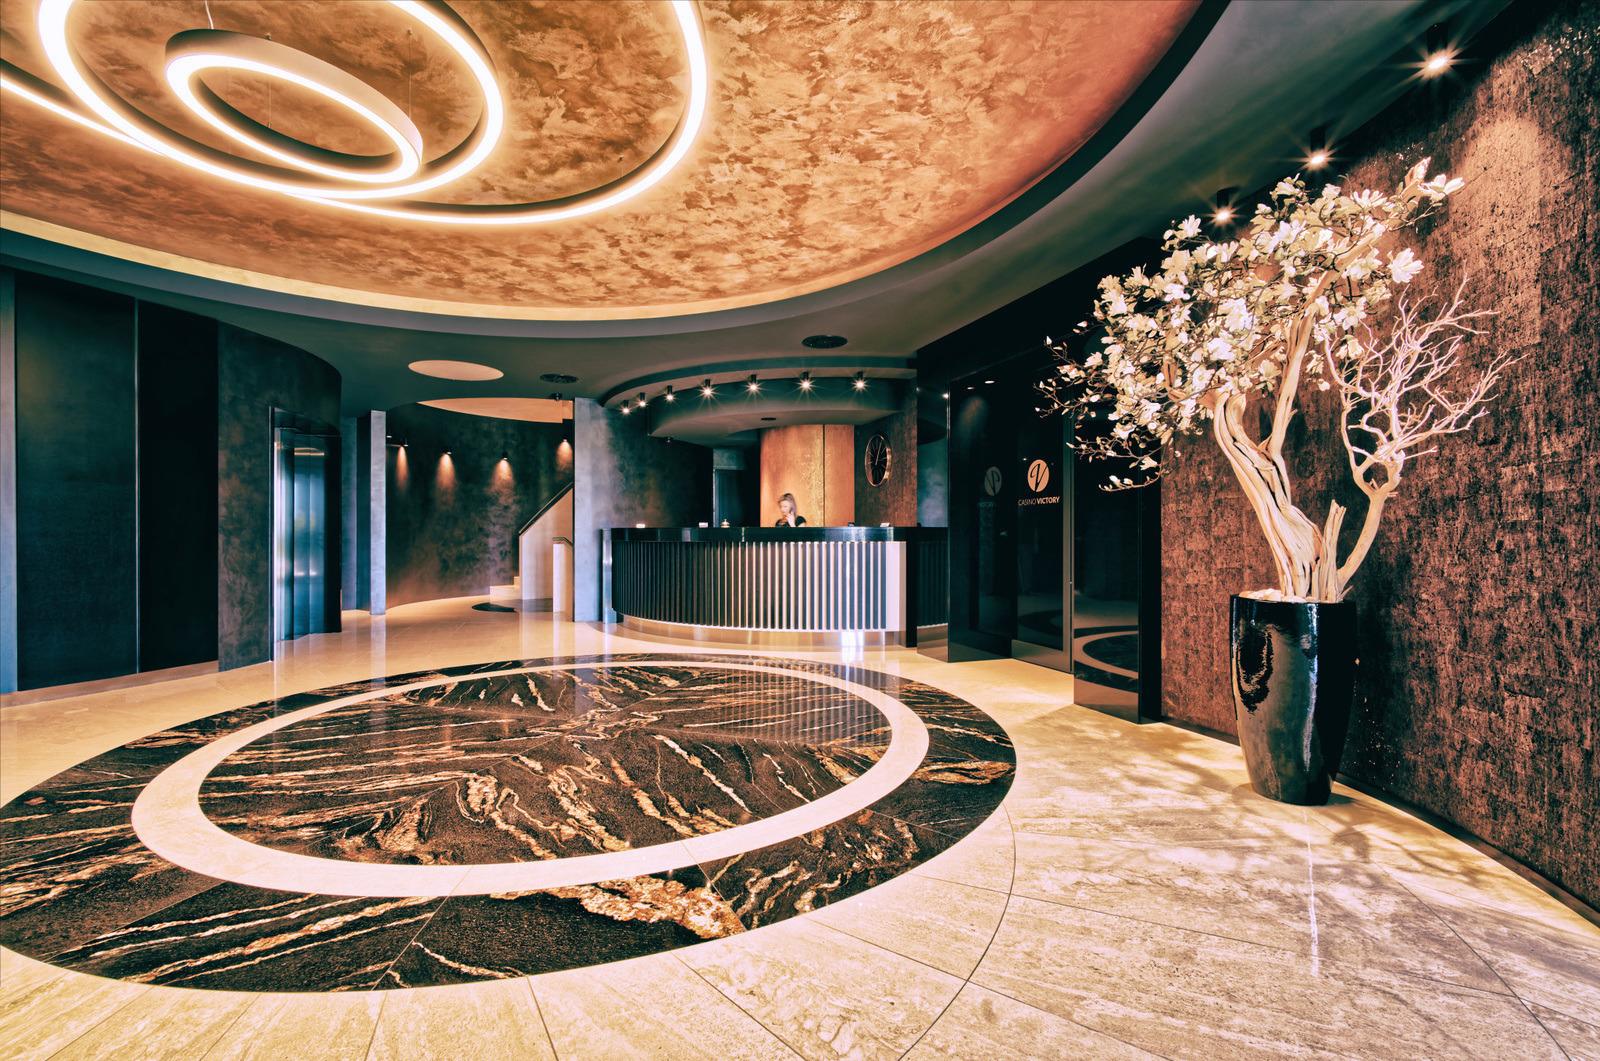 Victories casino hotel resort free online games sugar sugar 2